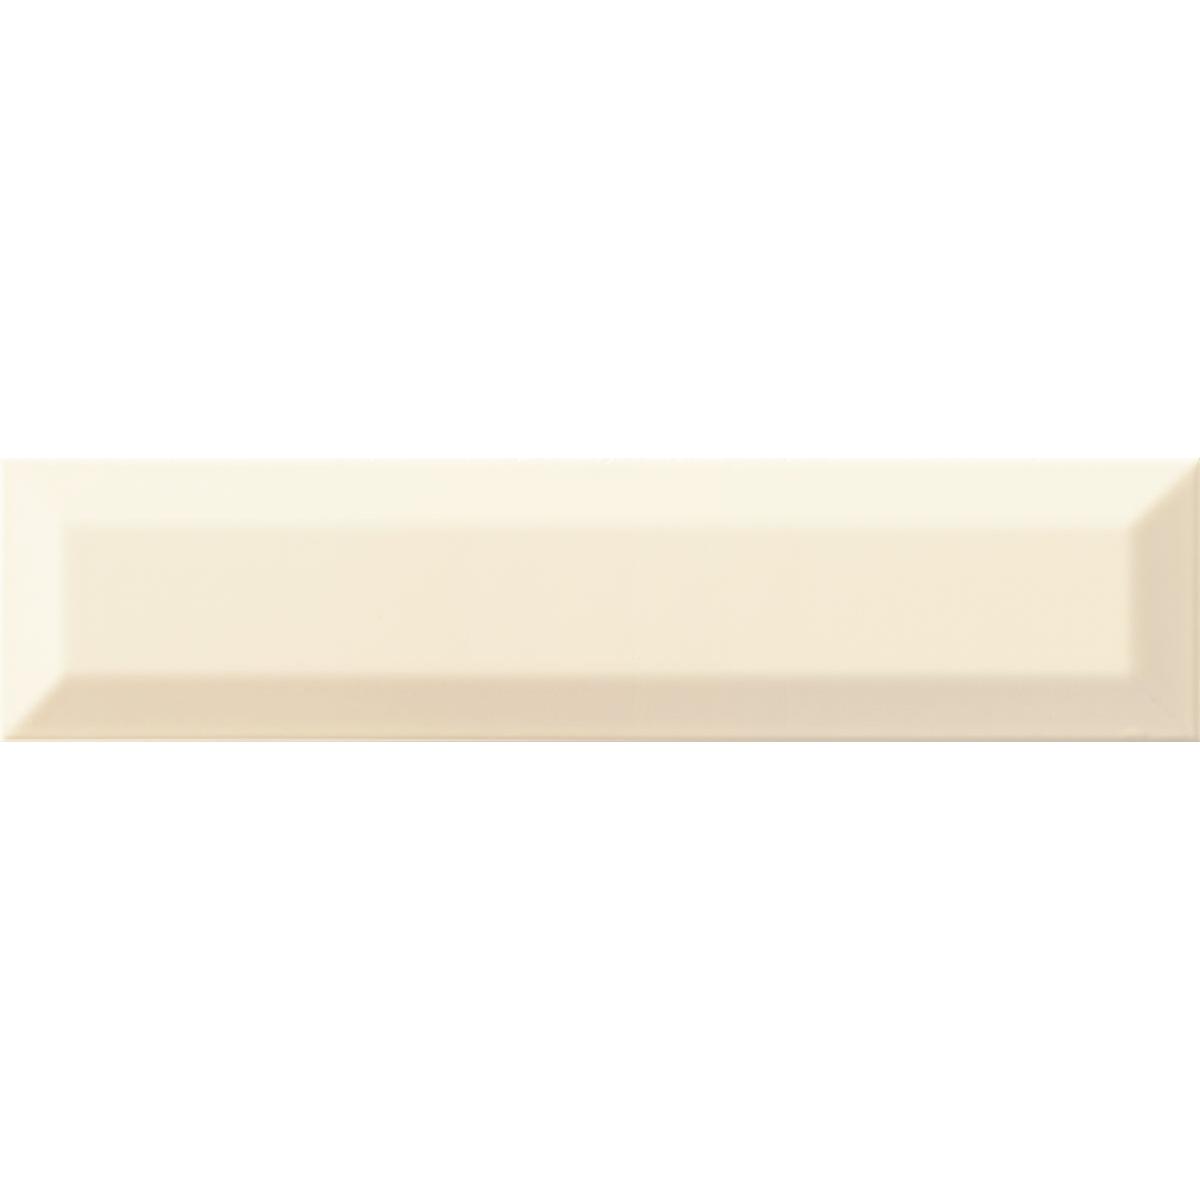 Settecento bissel marfil brillo 7.5x30